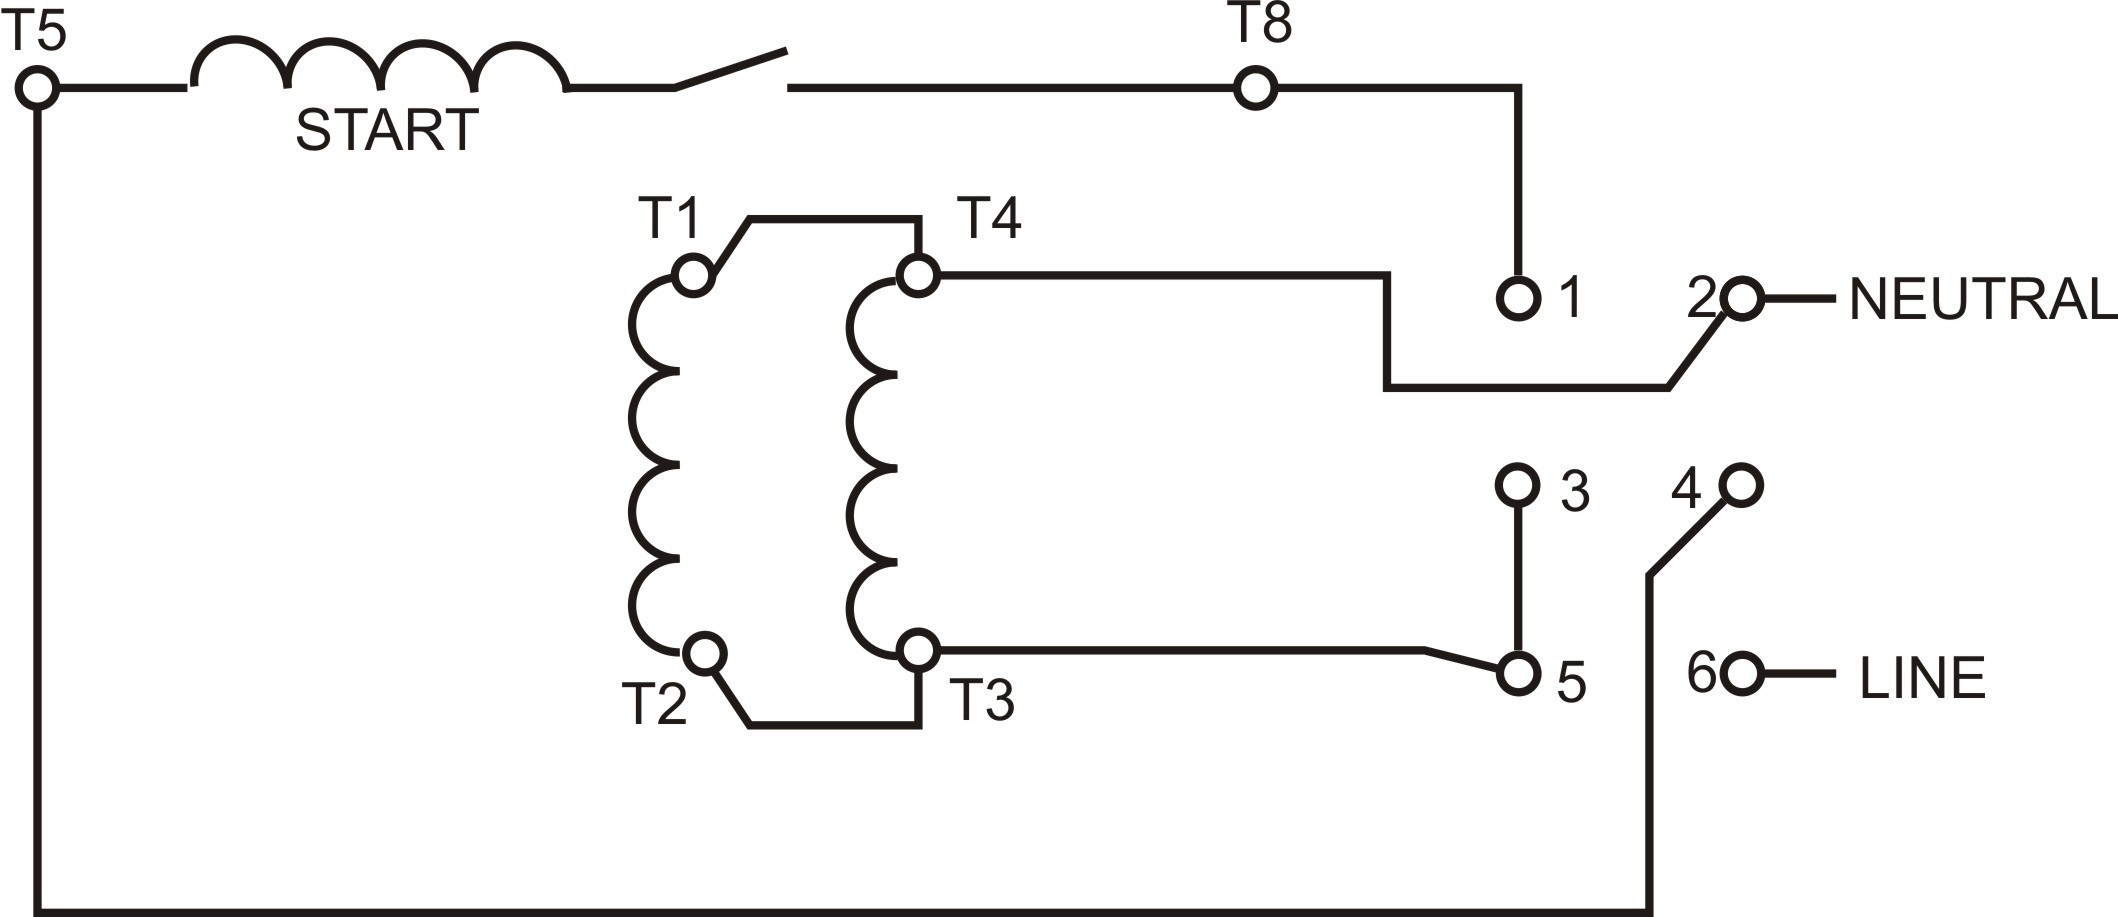 Dayton Gear Motor Wiring Diagram Valid Ac Gear Motor Wiring Diagram Of Dayton Gear Motor Wiring Diagram